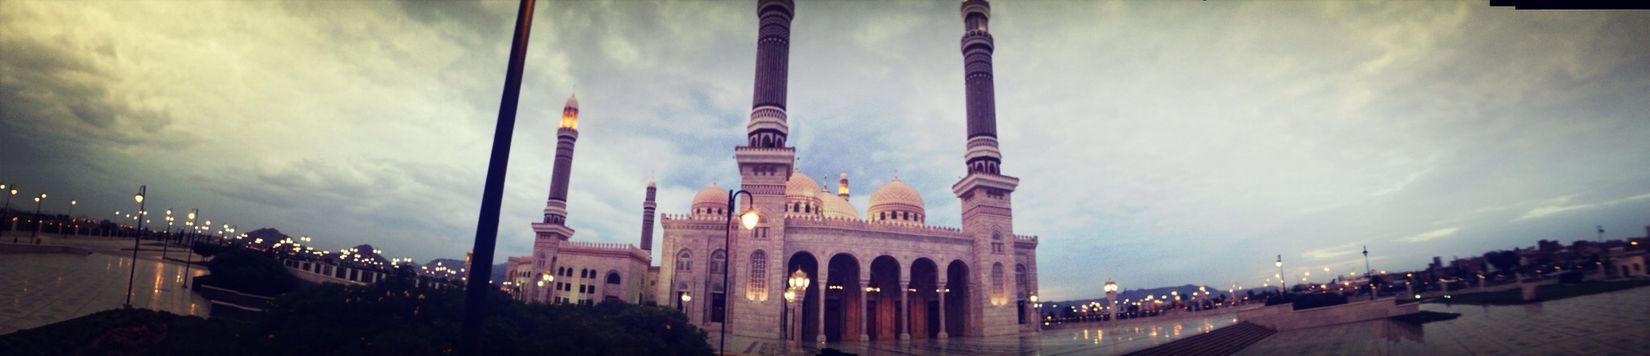 مسجد الصالح ، المكان ،الذاكره